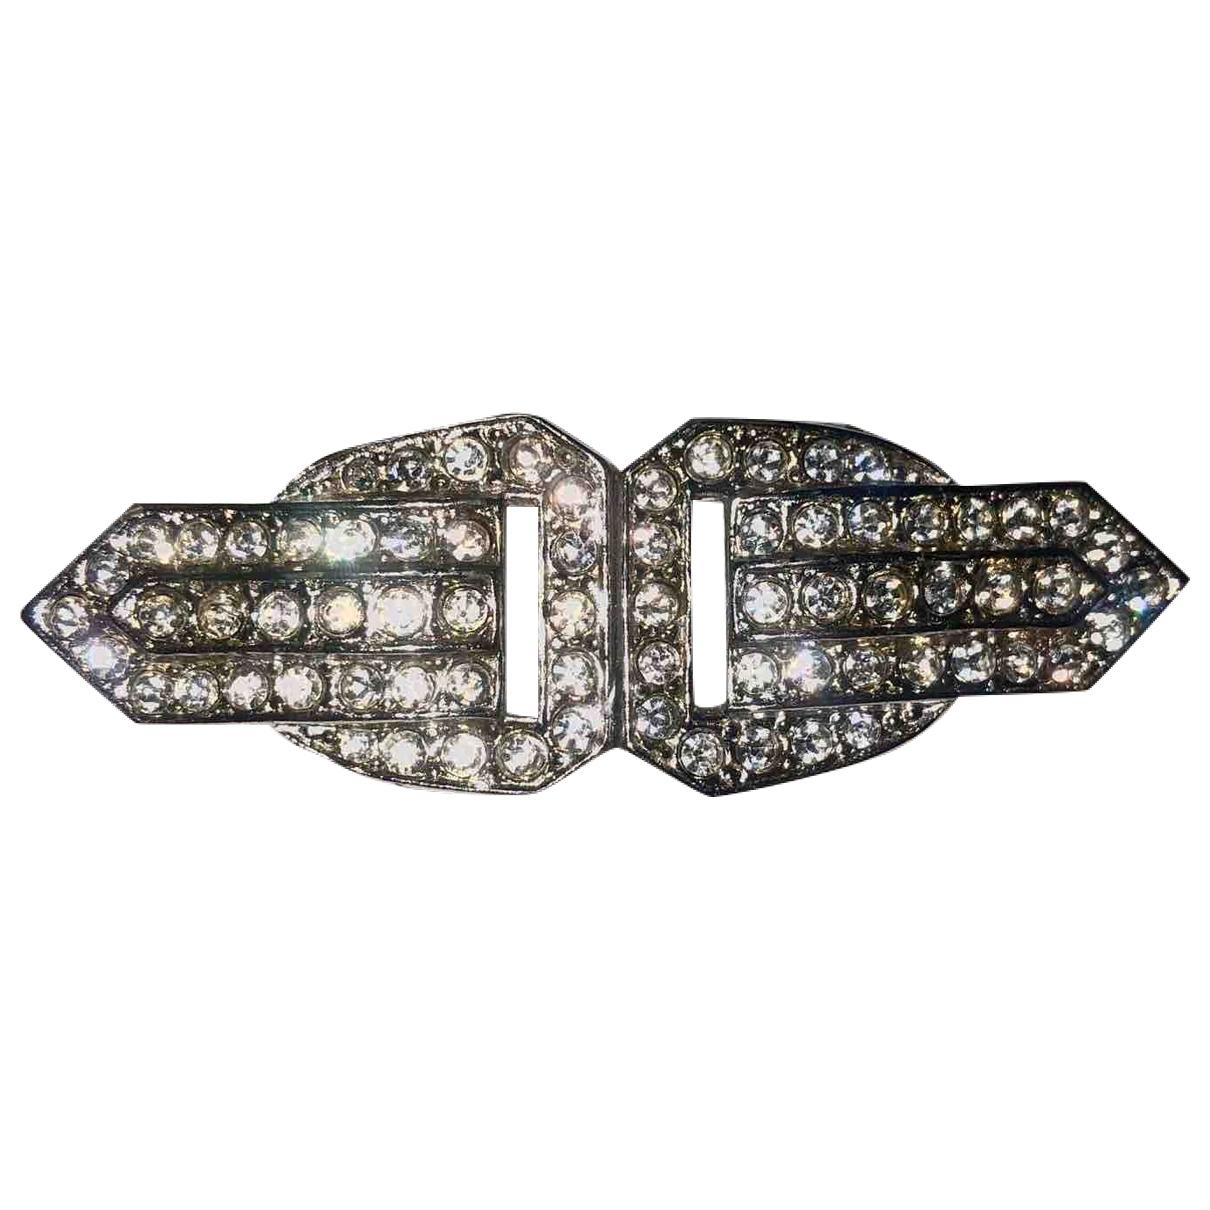 Broche Art Deco en Metal Plateado Non Signe / Unsigned